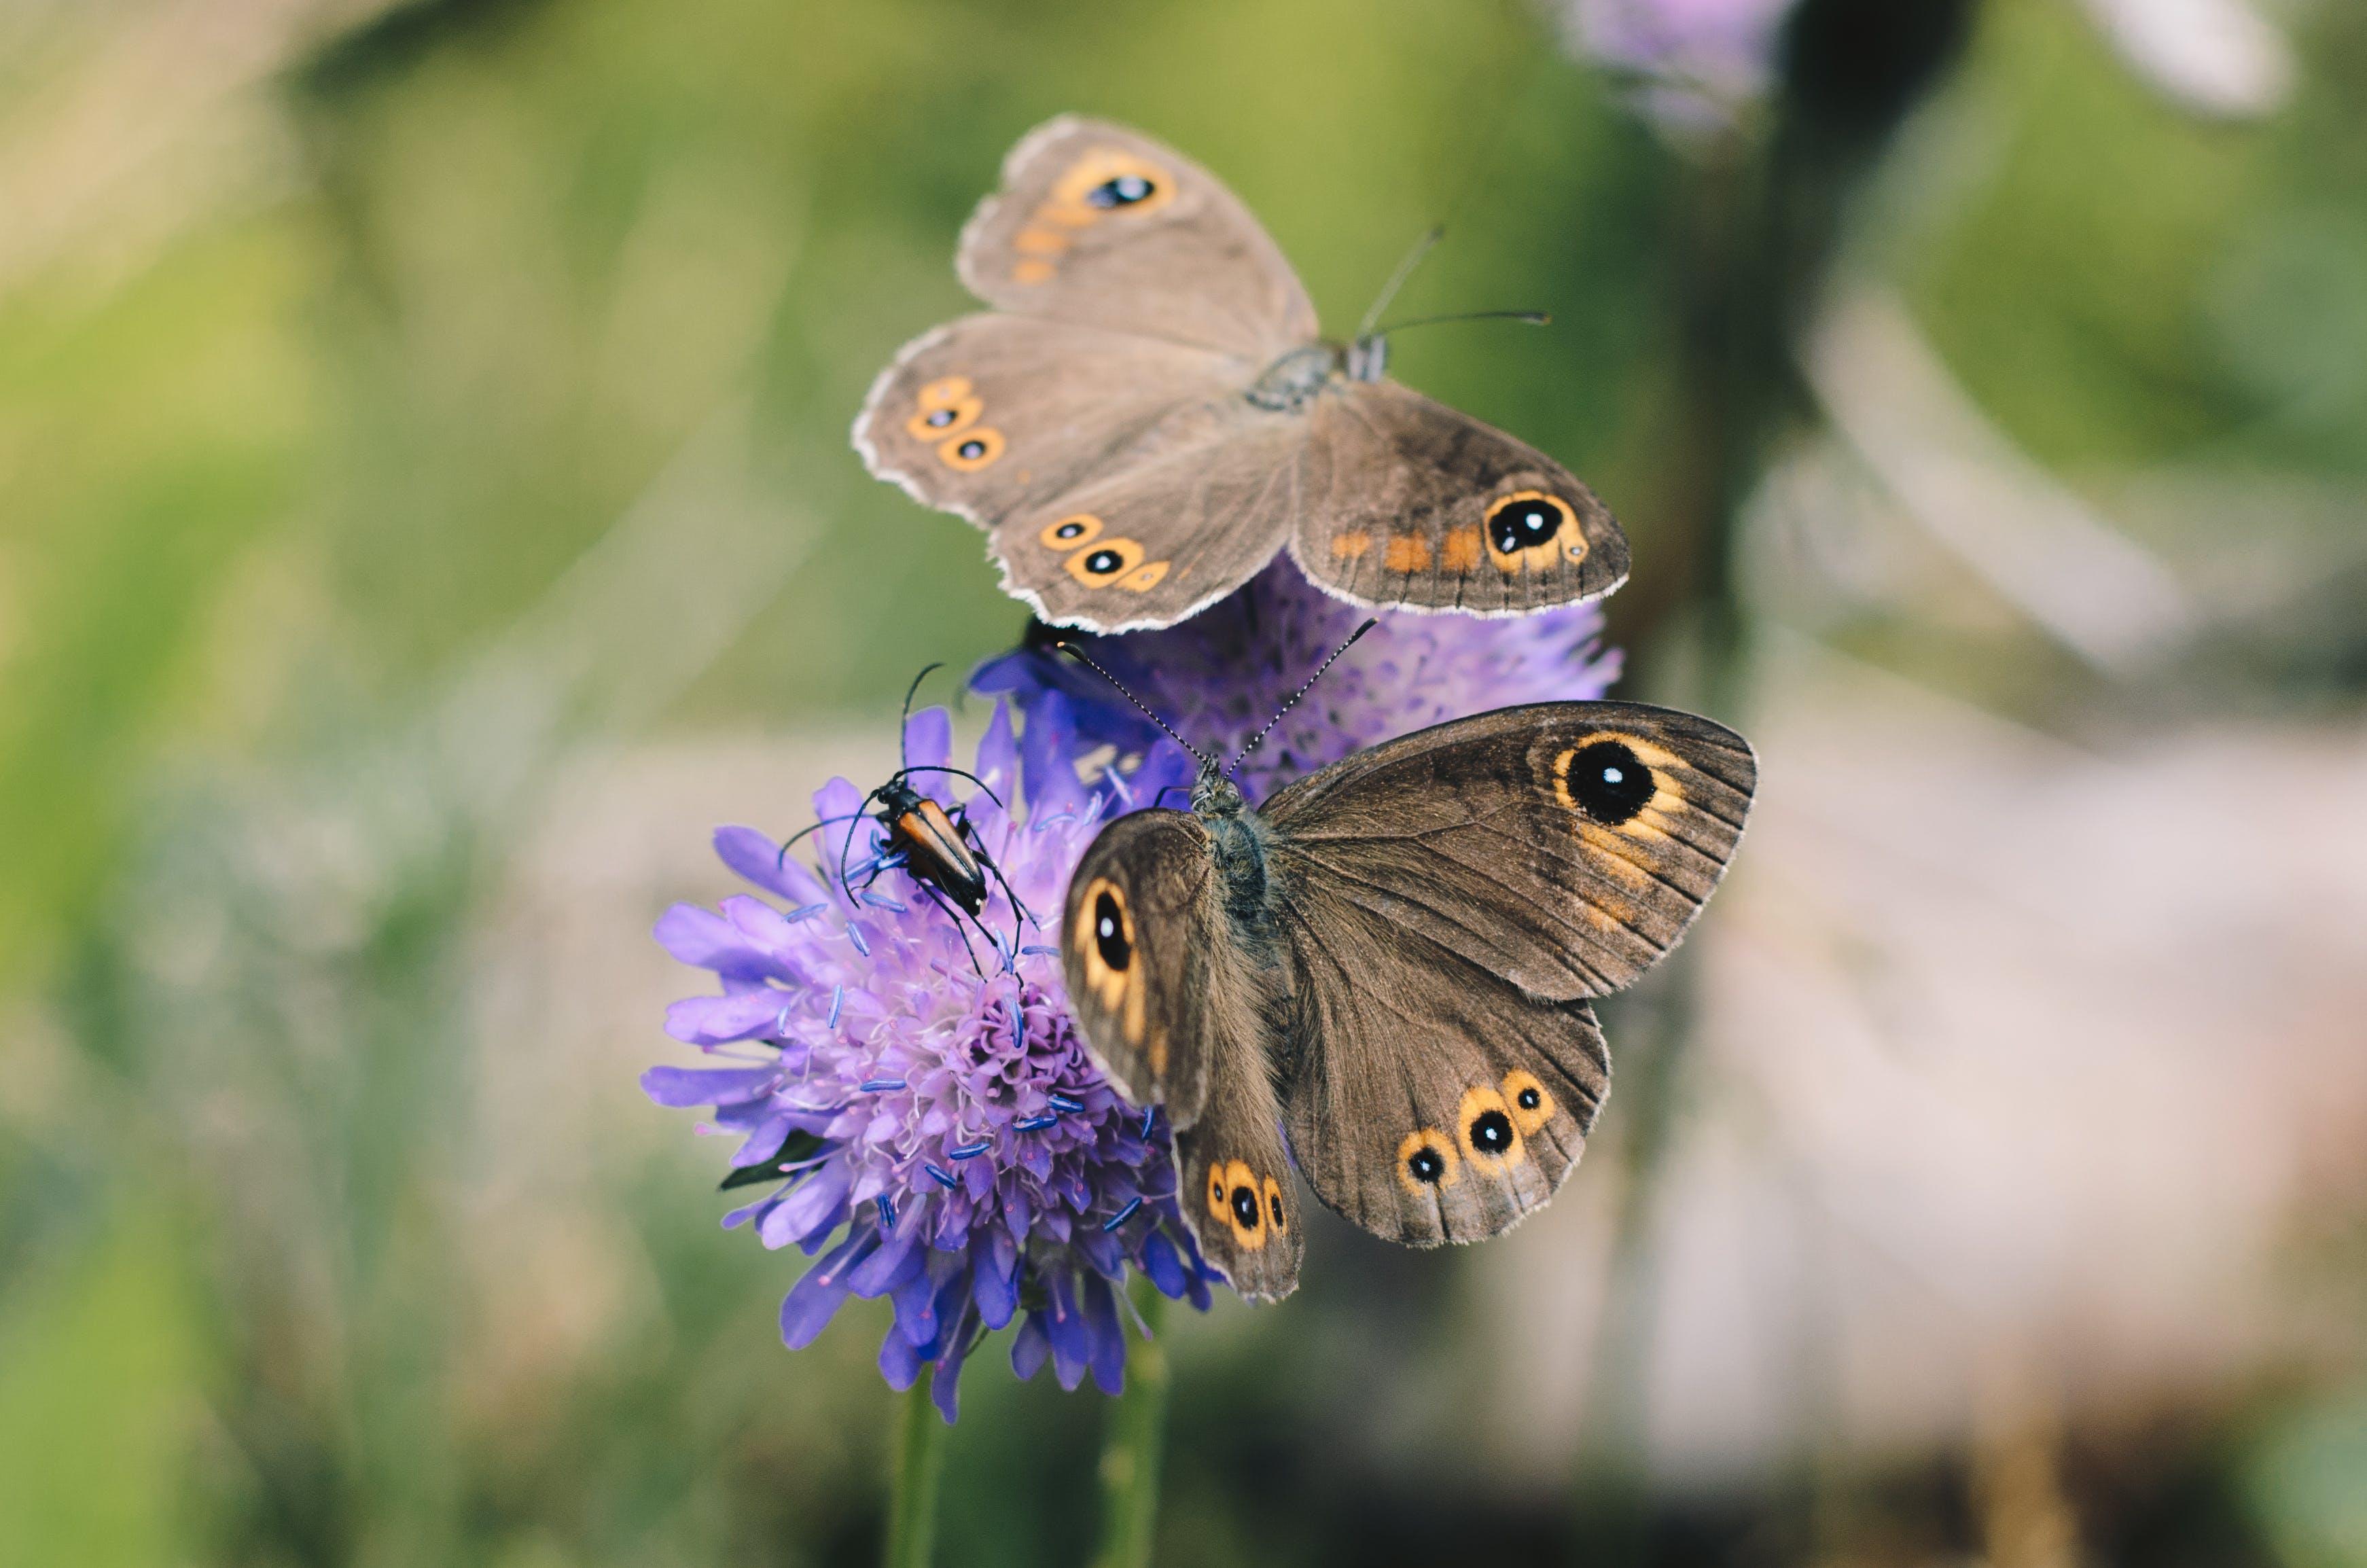 Two Owl Butterflies On Purple Flower